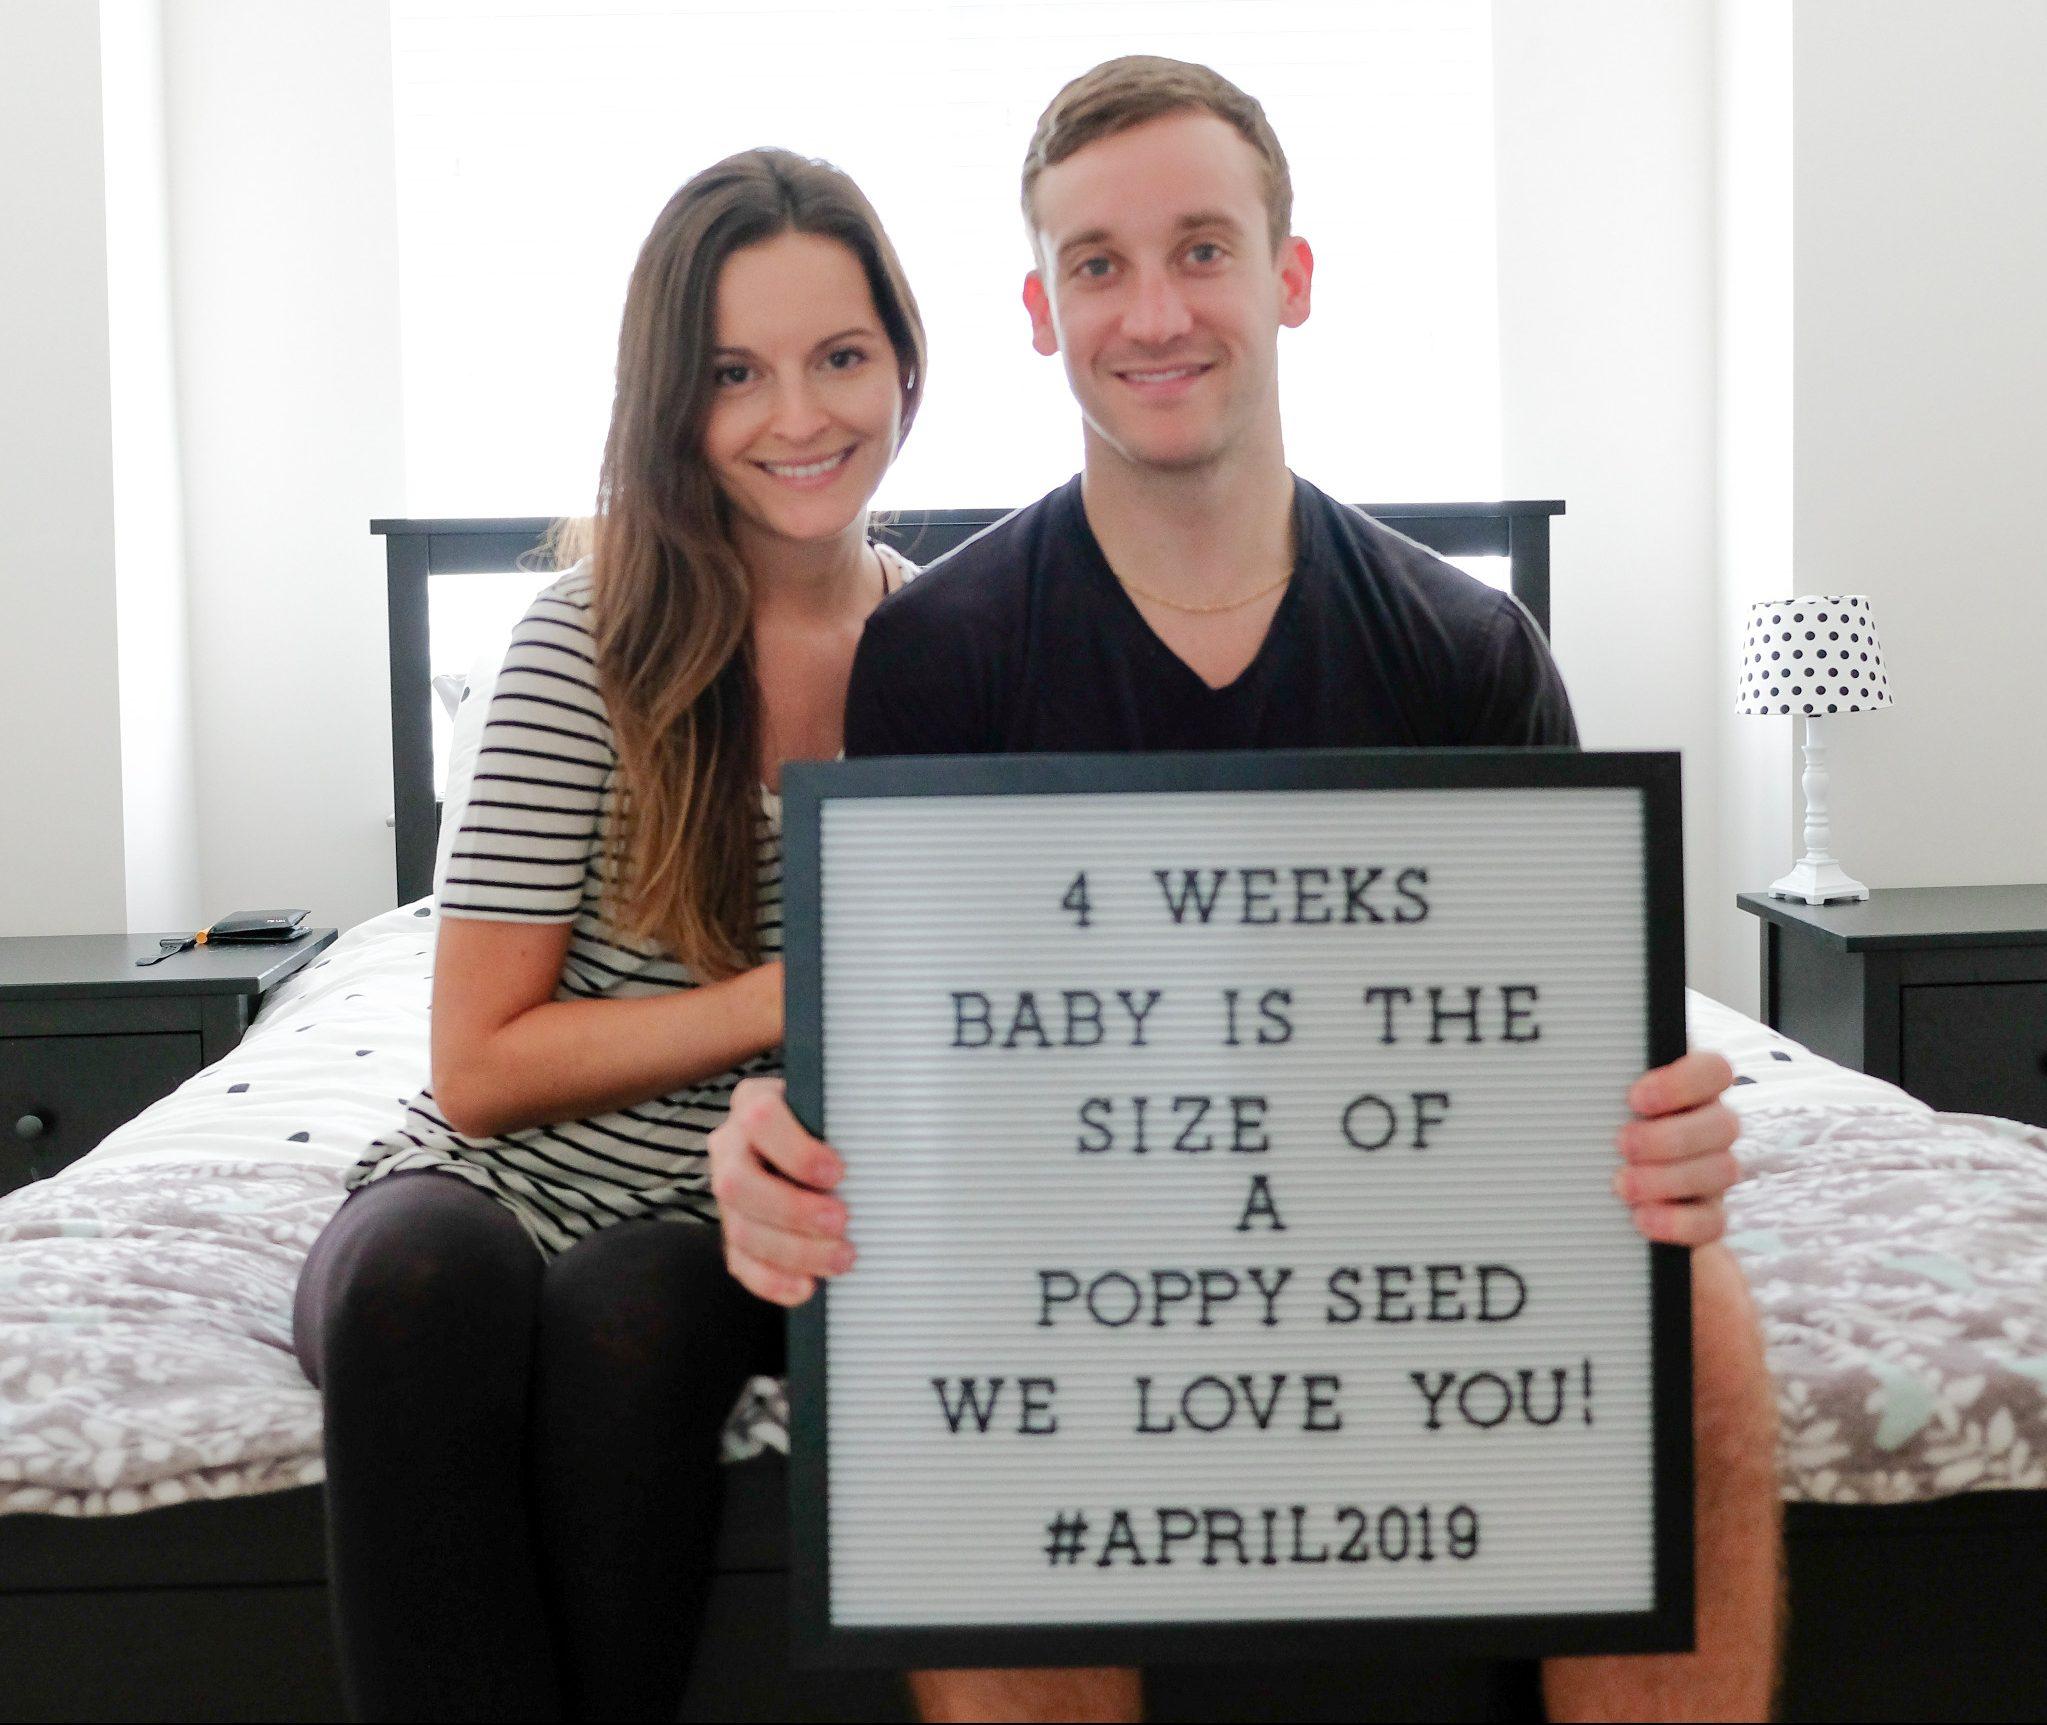 We're PREGNANT! weeks 1-4